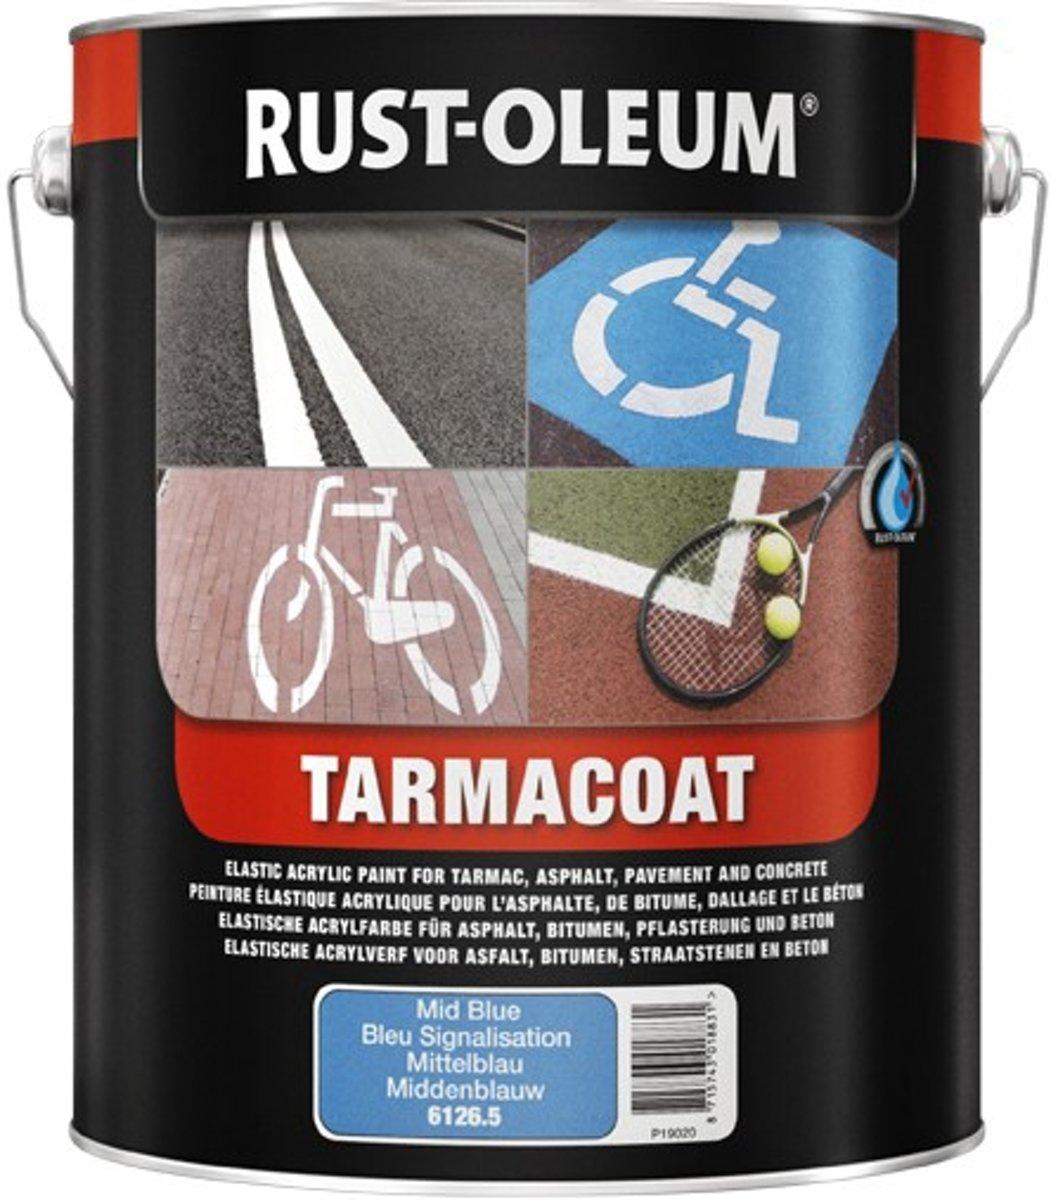 Rustoleum Tarmacoat  5 Liter